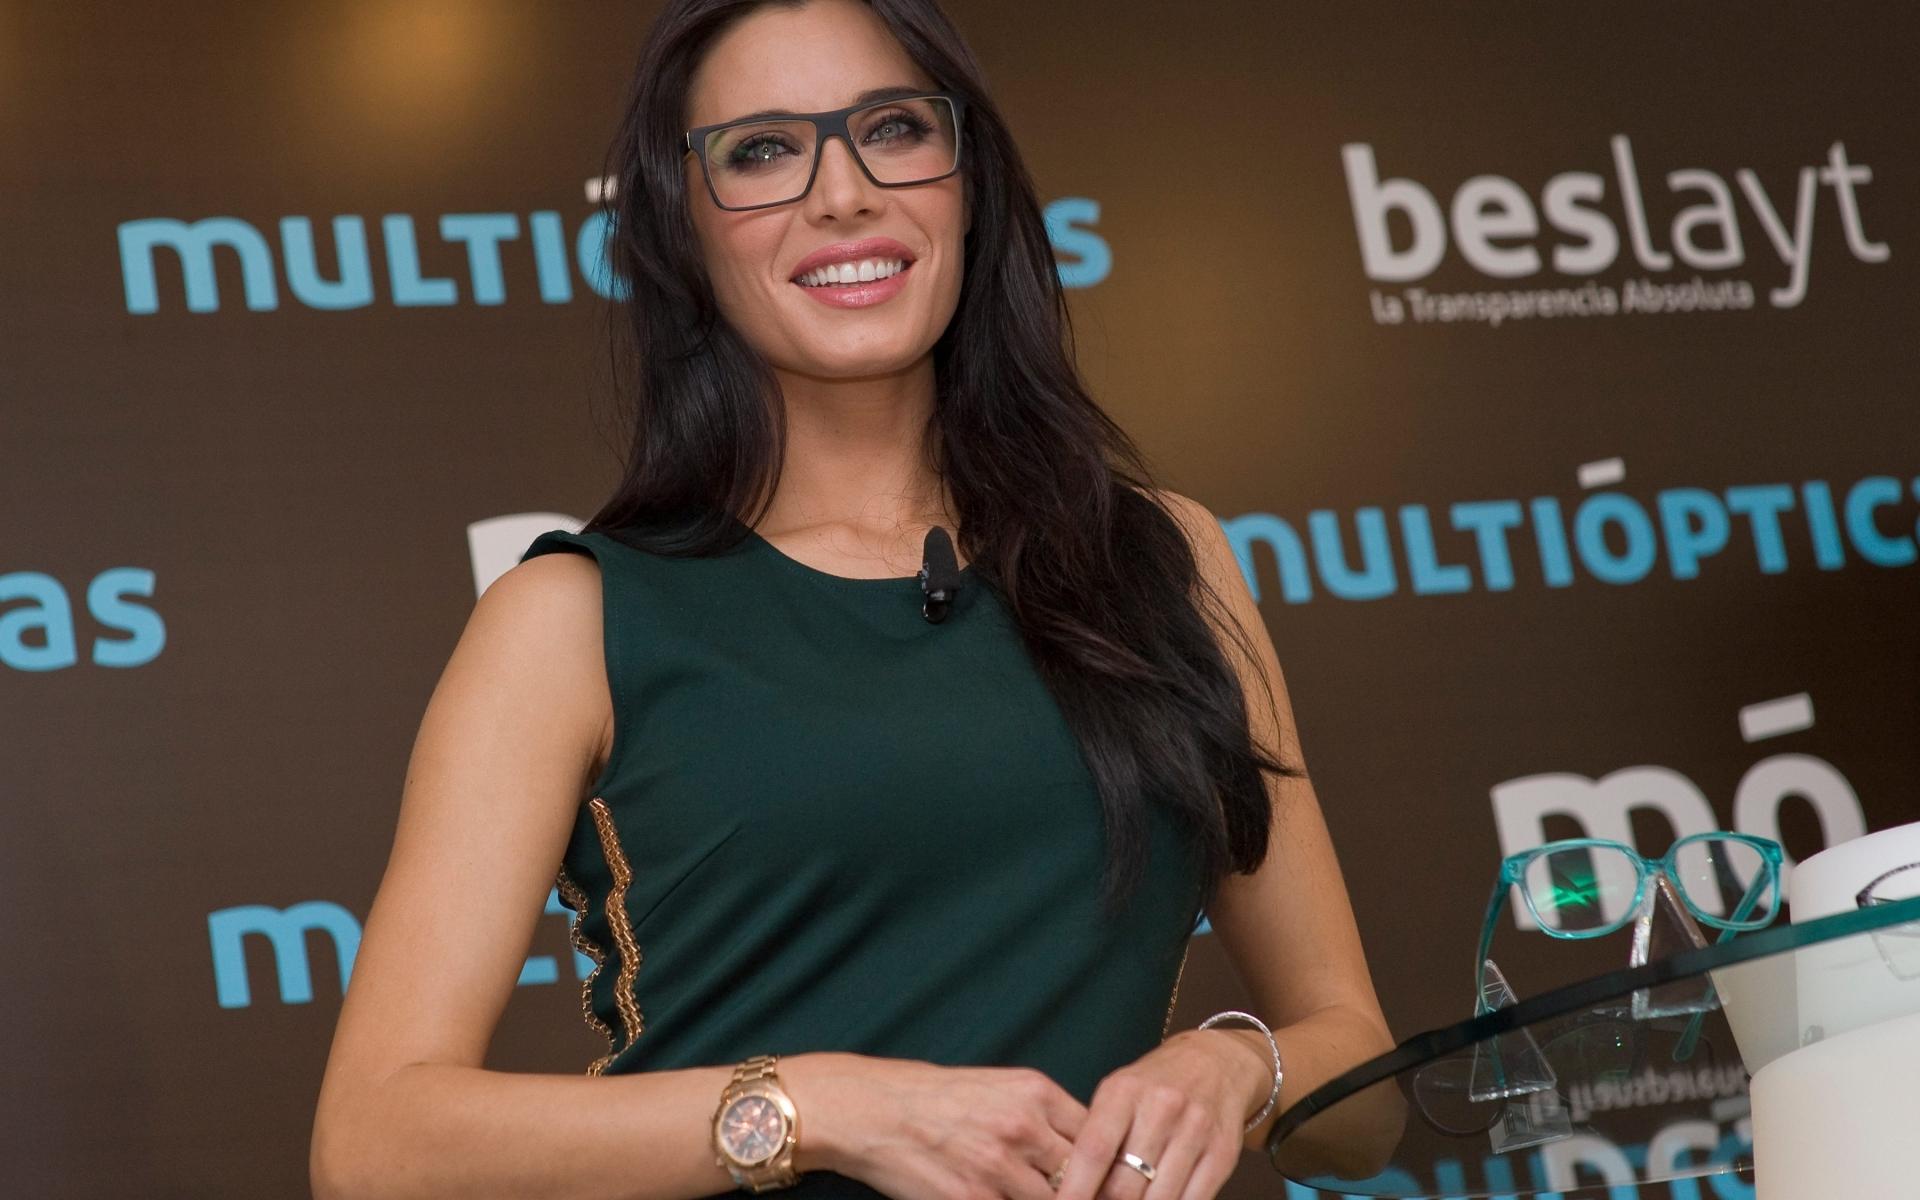 Pilar Rubio con lentes - 1920x1200